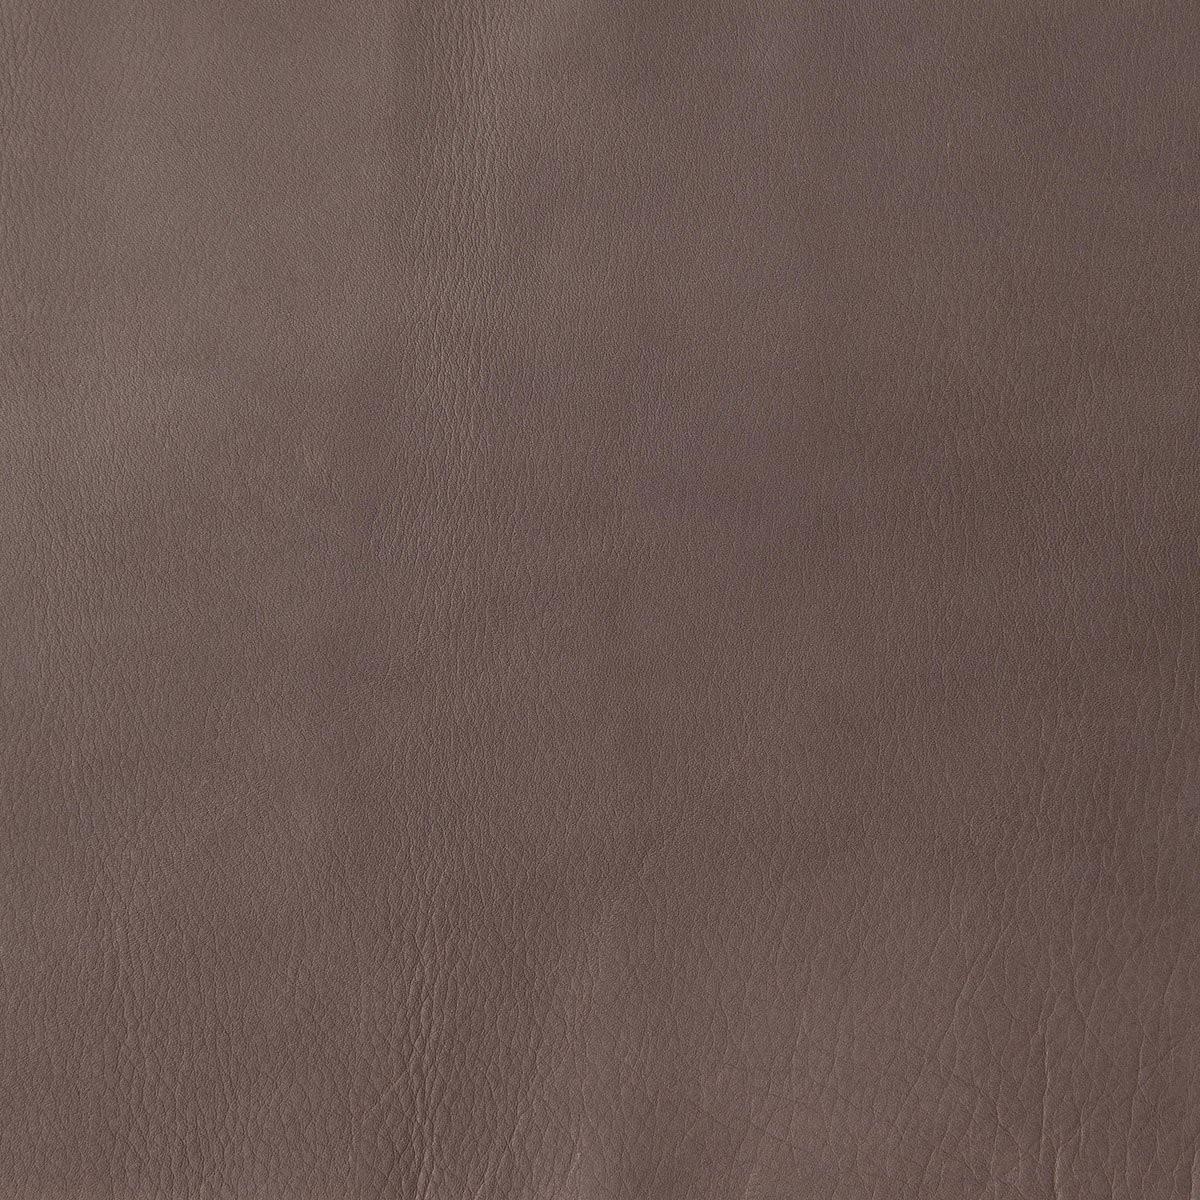 NATURALE ZZ 13Z362 Fango